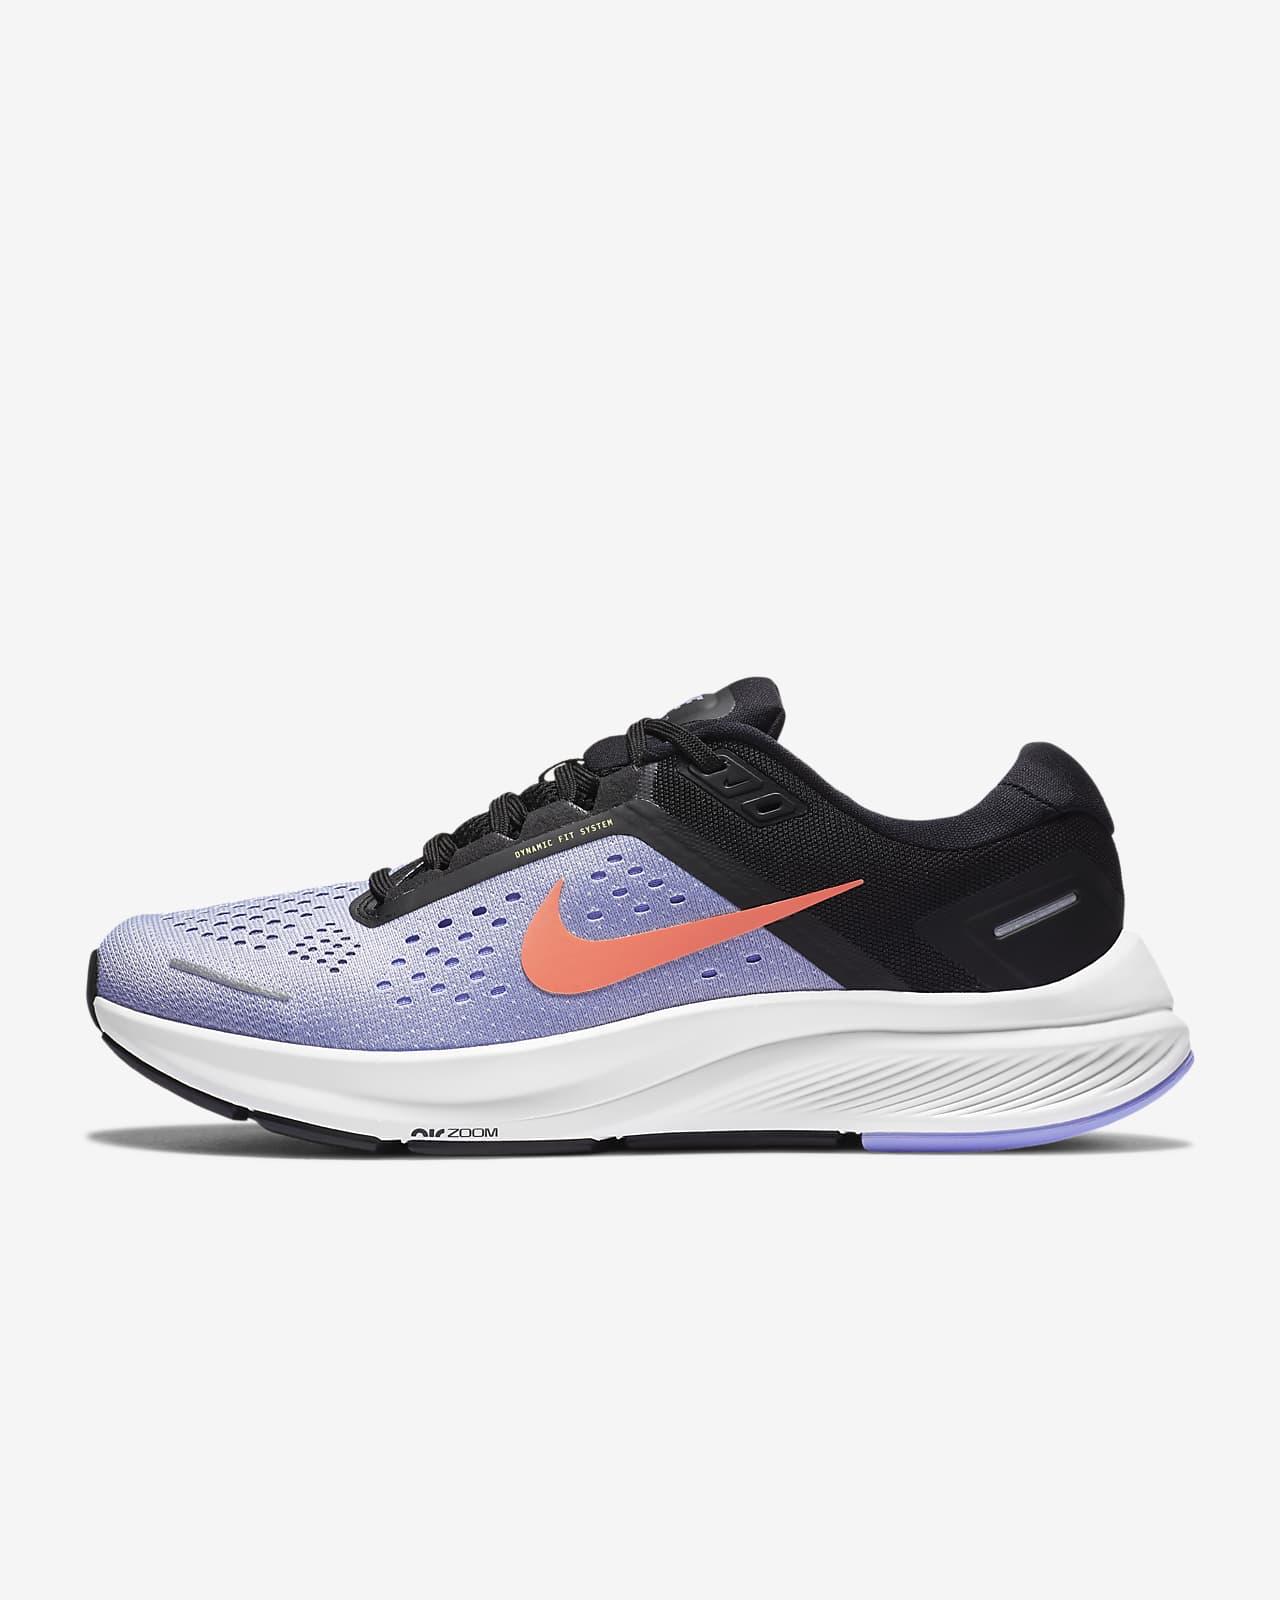 Nike Air Zoom Structure 23 Hardloopschoen voor dames